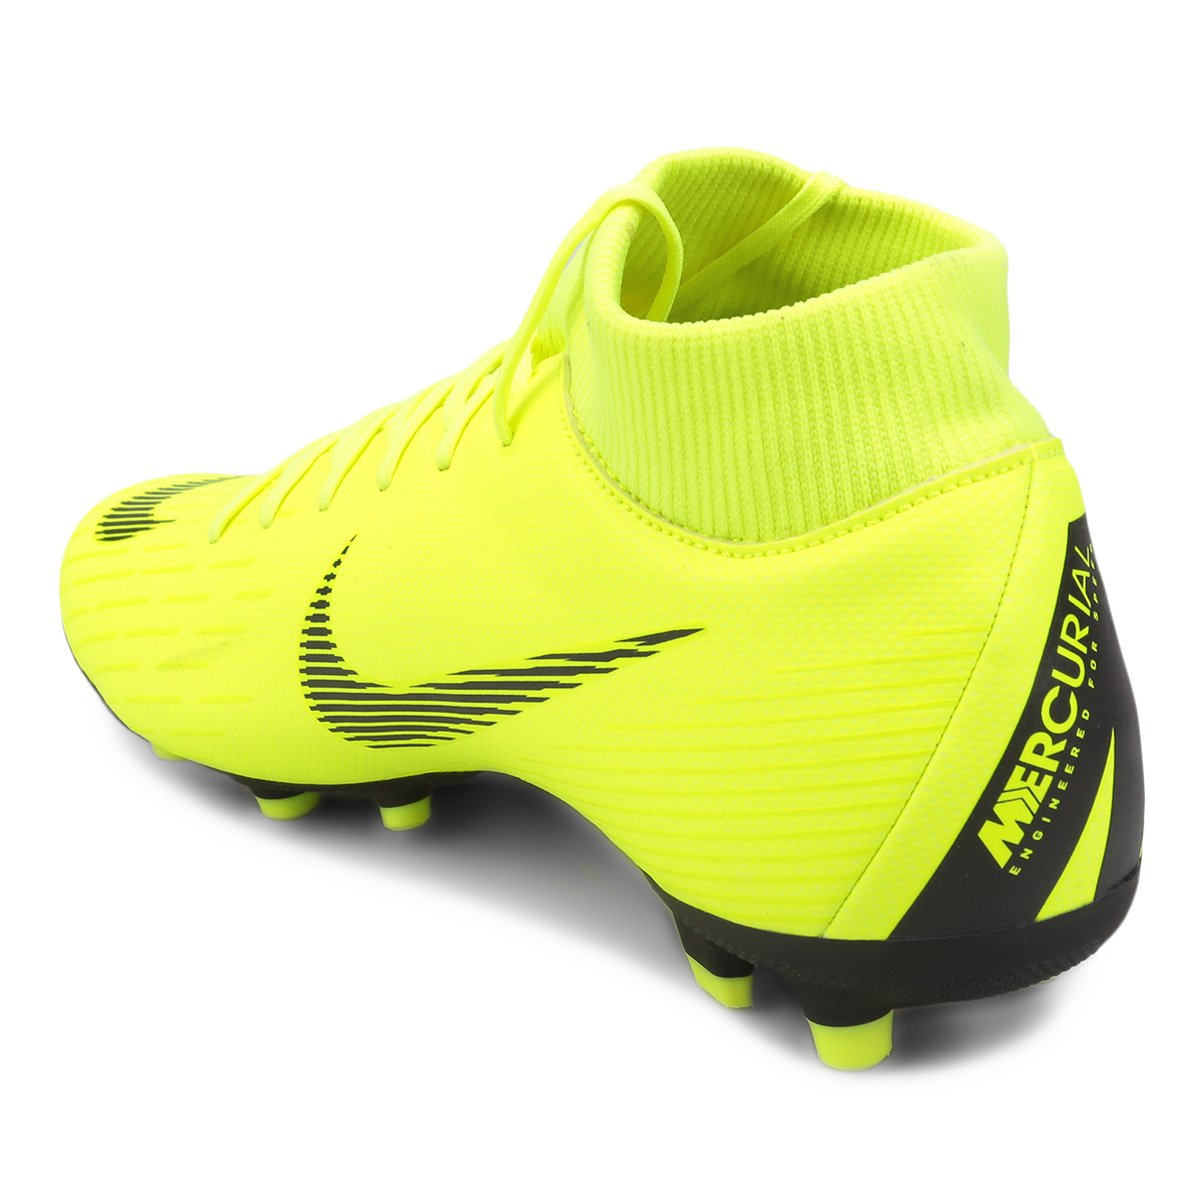 Chuteira Campo Nike Mercurial Superfly 6 Academy - Amarelo e Preto ... 75d009da68538